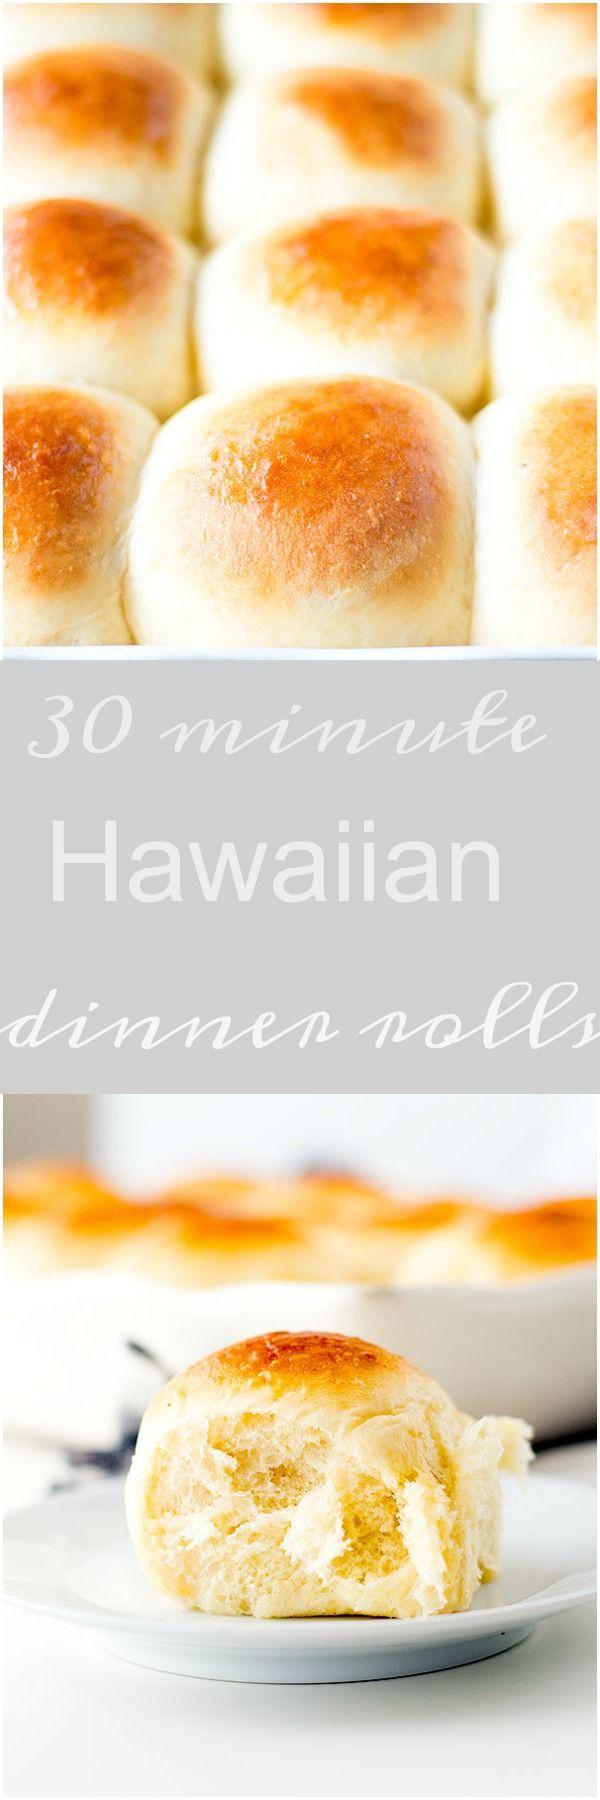 30 minute hawaiian rolls